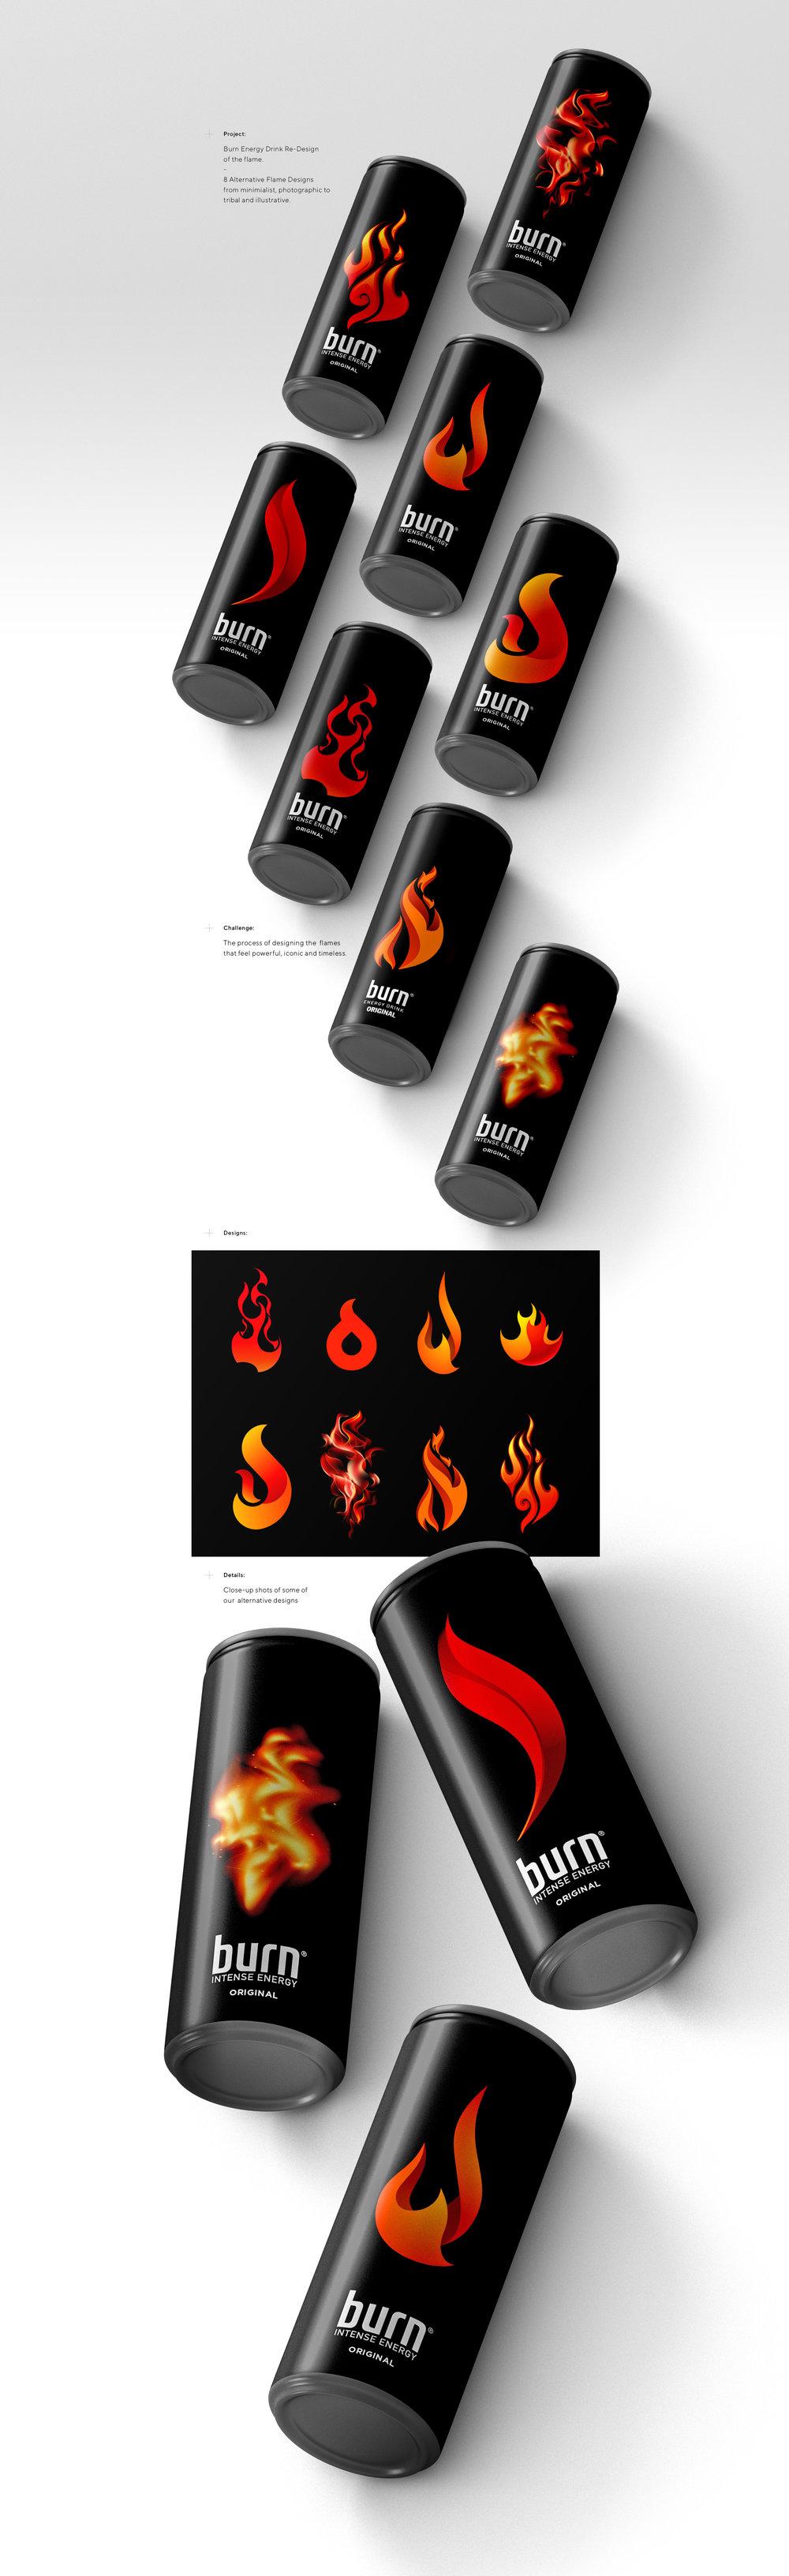 Burn_behance.jpg